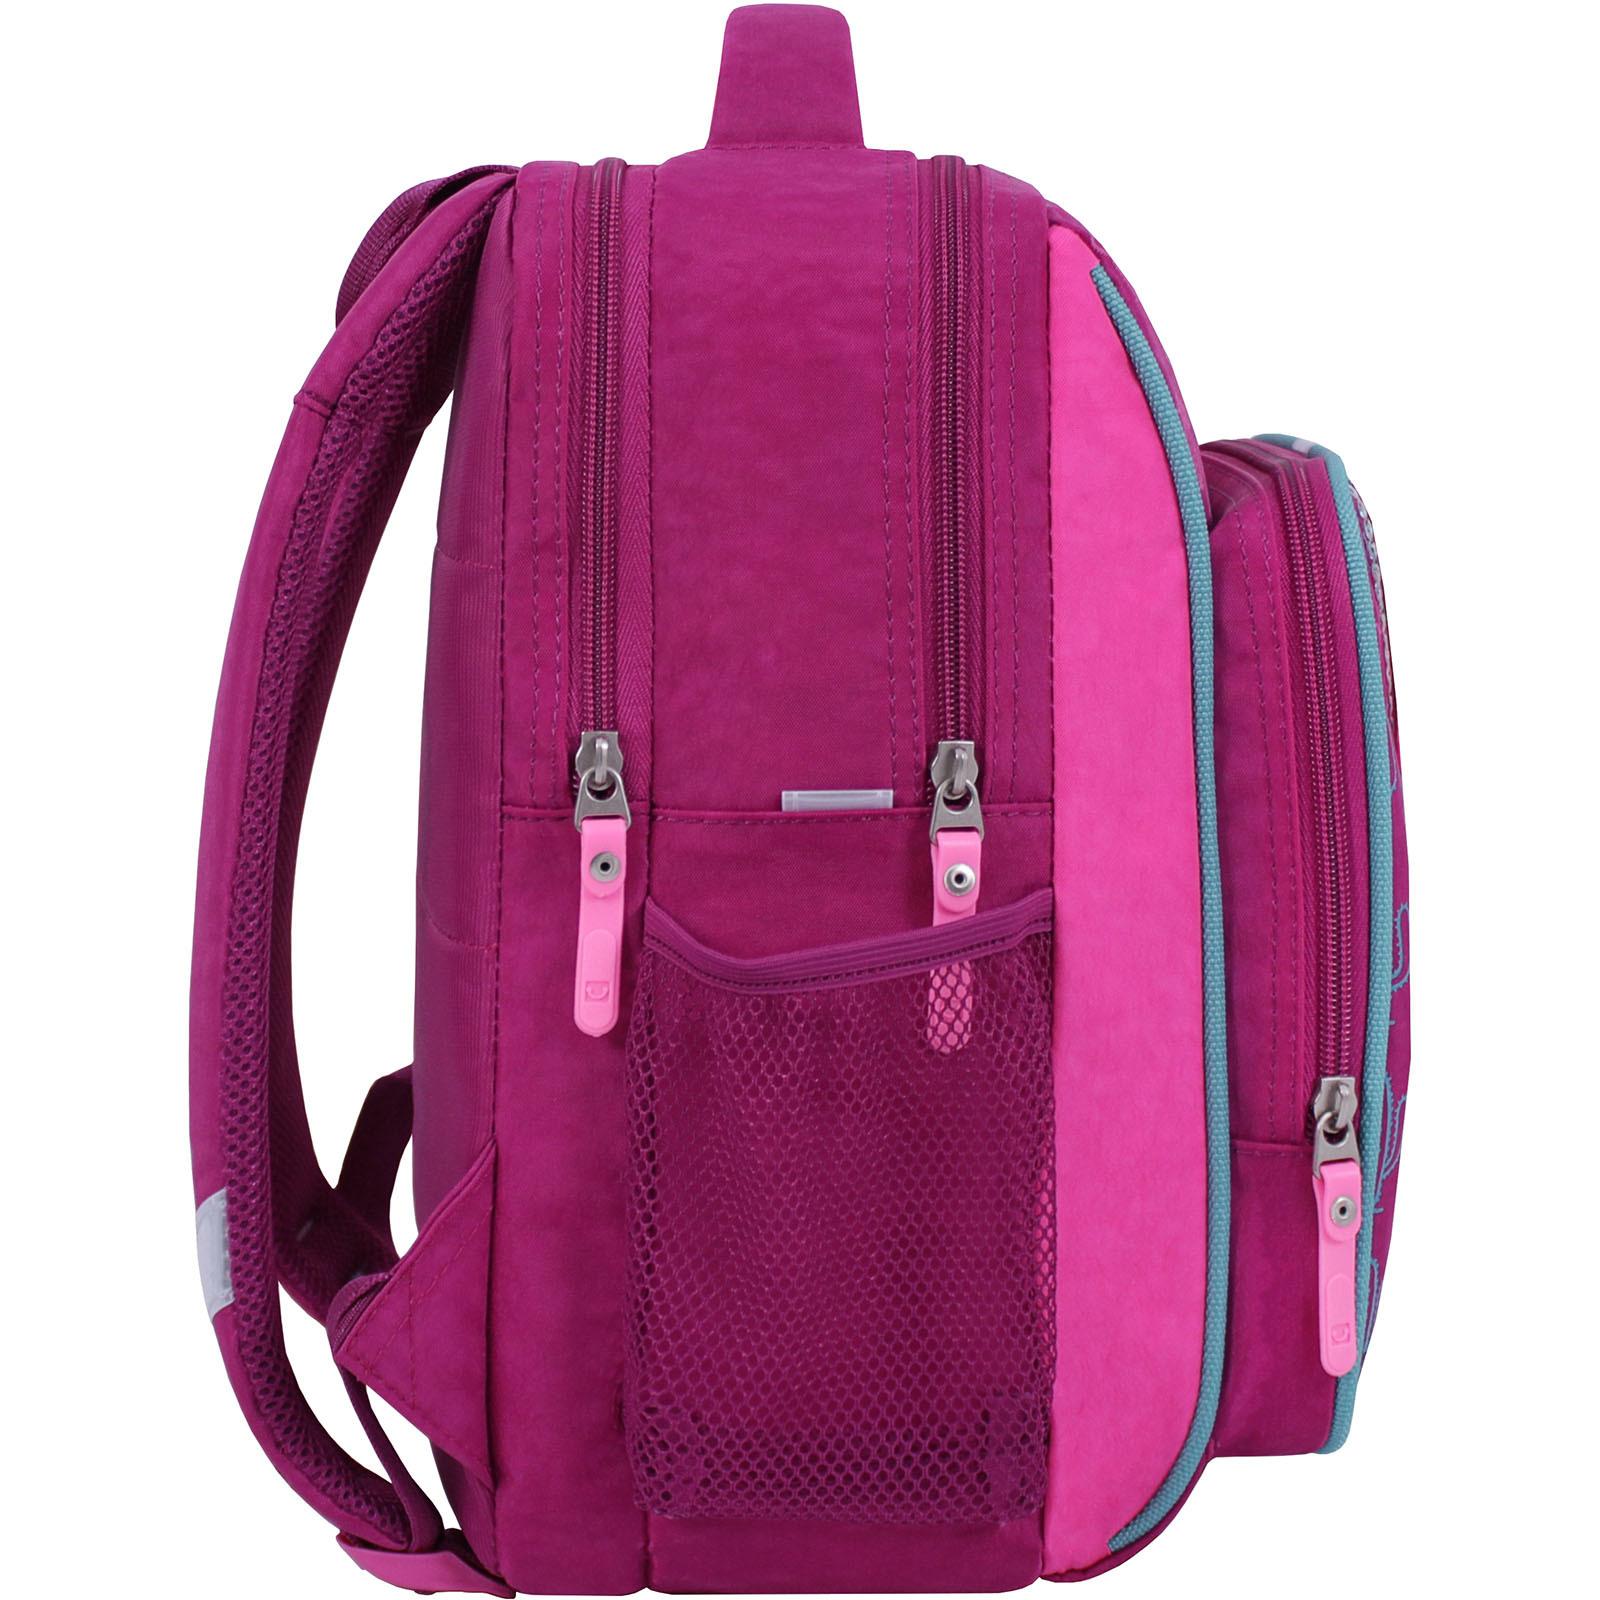 Рюкзак школьный Bagland Школьник 8 л. 143 малина 617 (00112702) фото 2